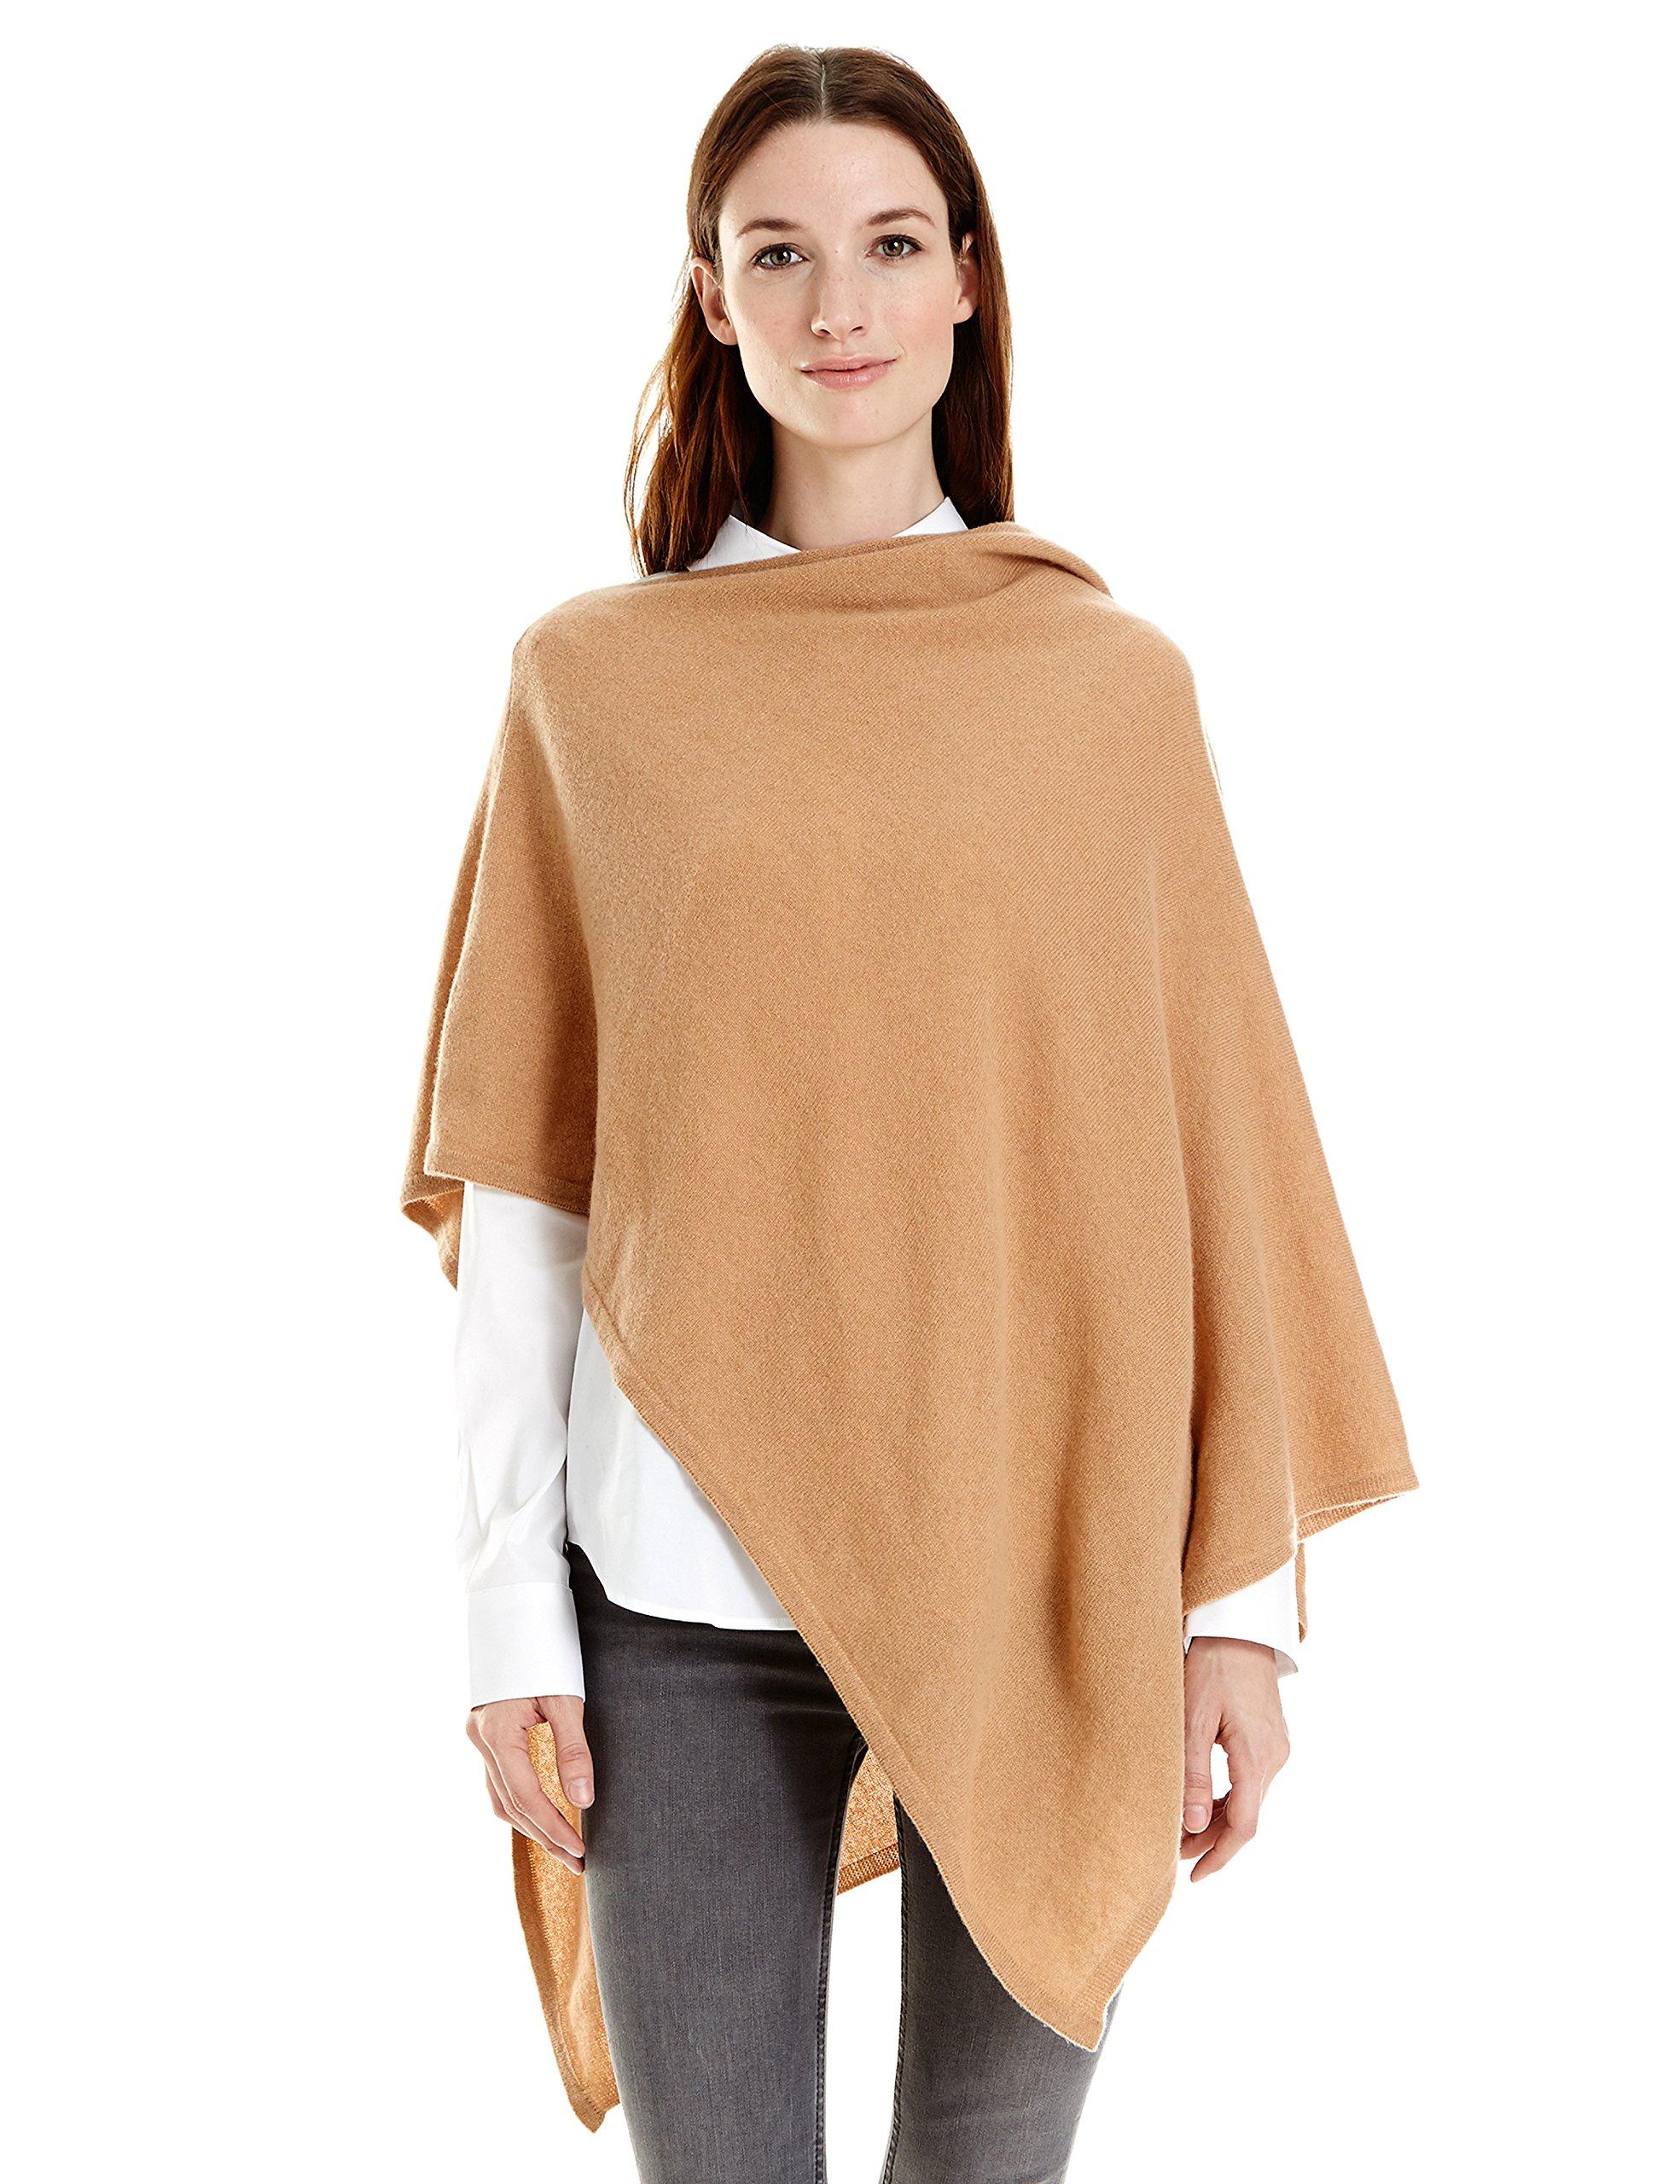 New York Cashmere 100% Pure Cashmere Draped Poncho (Camel)